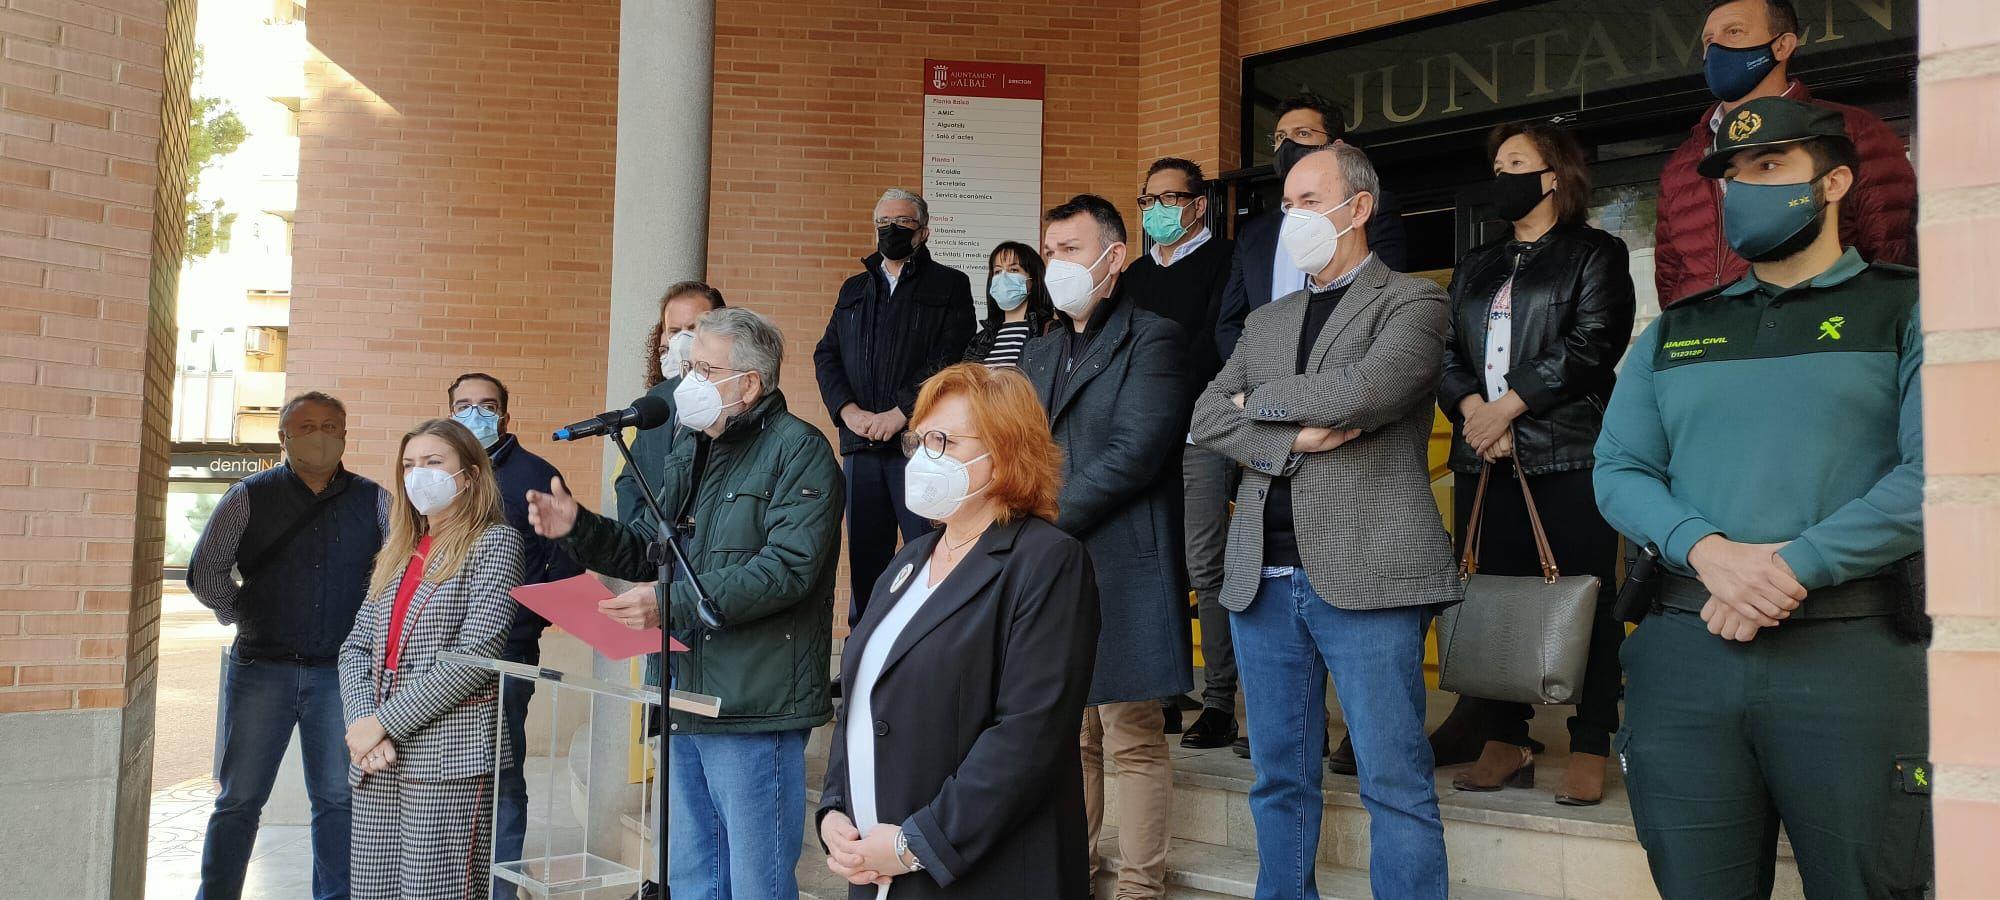 Minuto de silencio en el Ayuntamiento de Albal por el asesinato de Florina